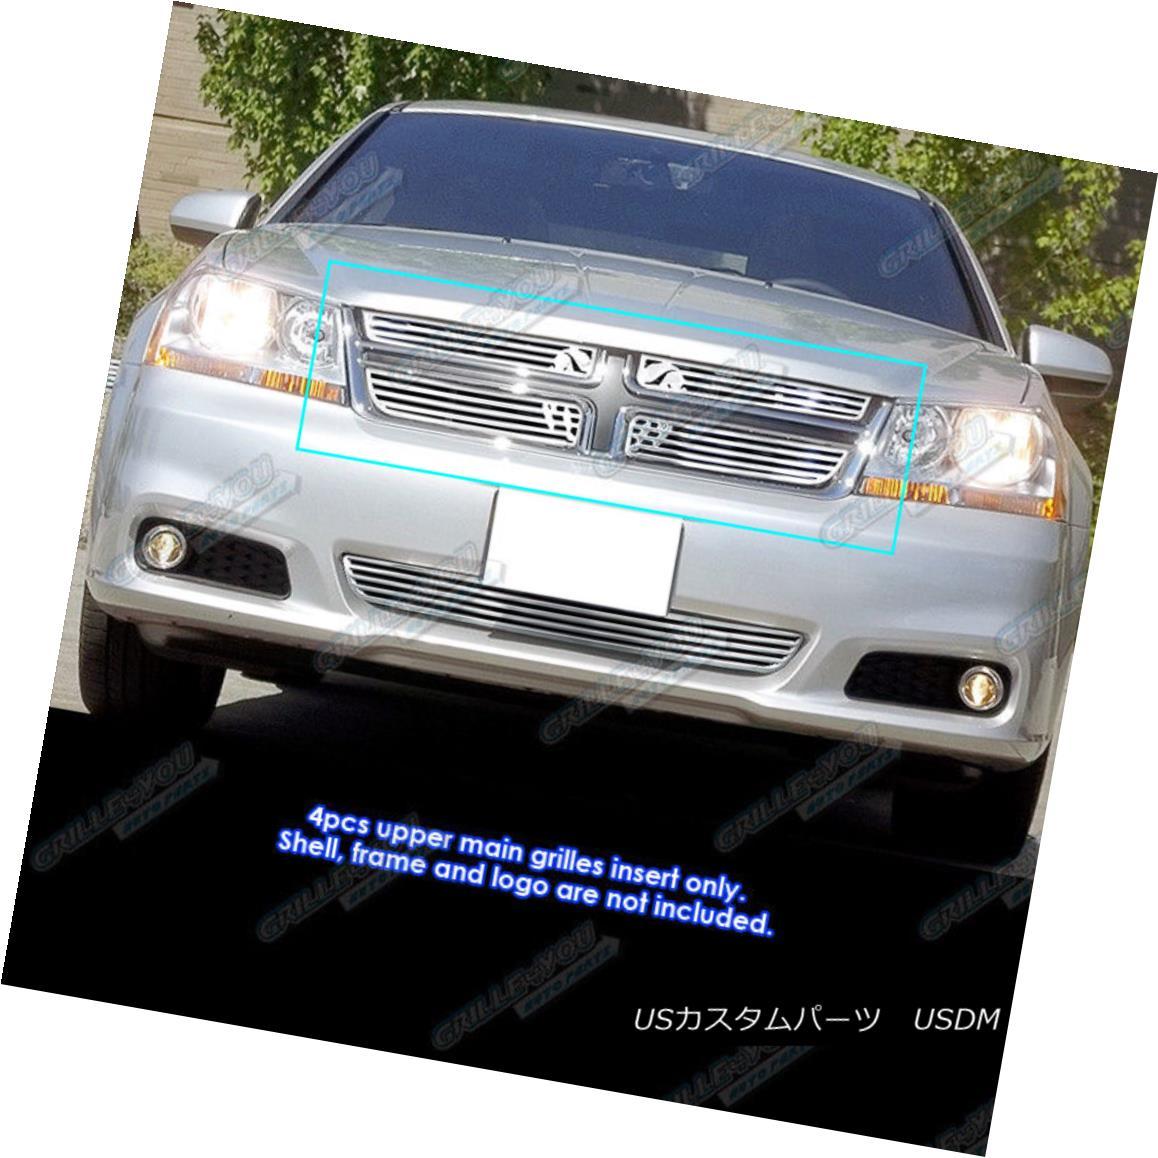 グリル Fits 2011-2013 Dodge Avenger Symbolic Grille Grill Insert 2011-2013 Dodge Avengerシンボリックグリルグリルインサートに適合